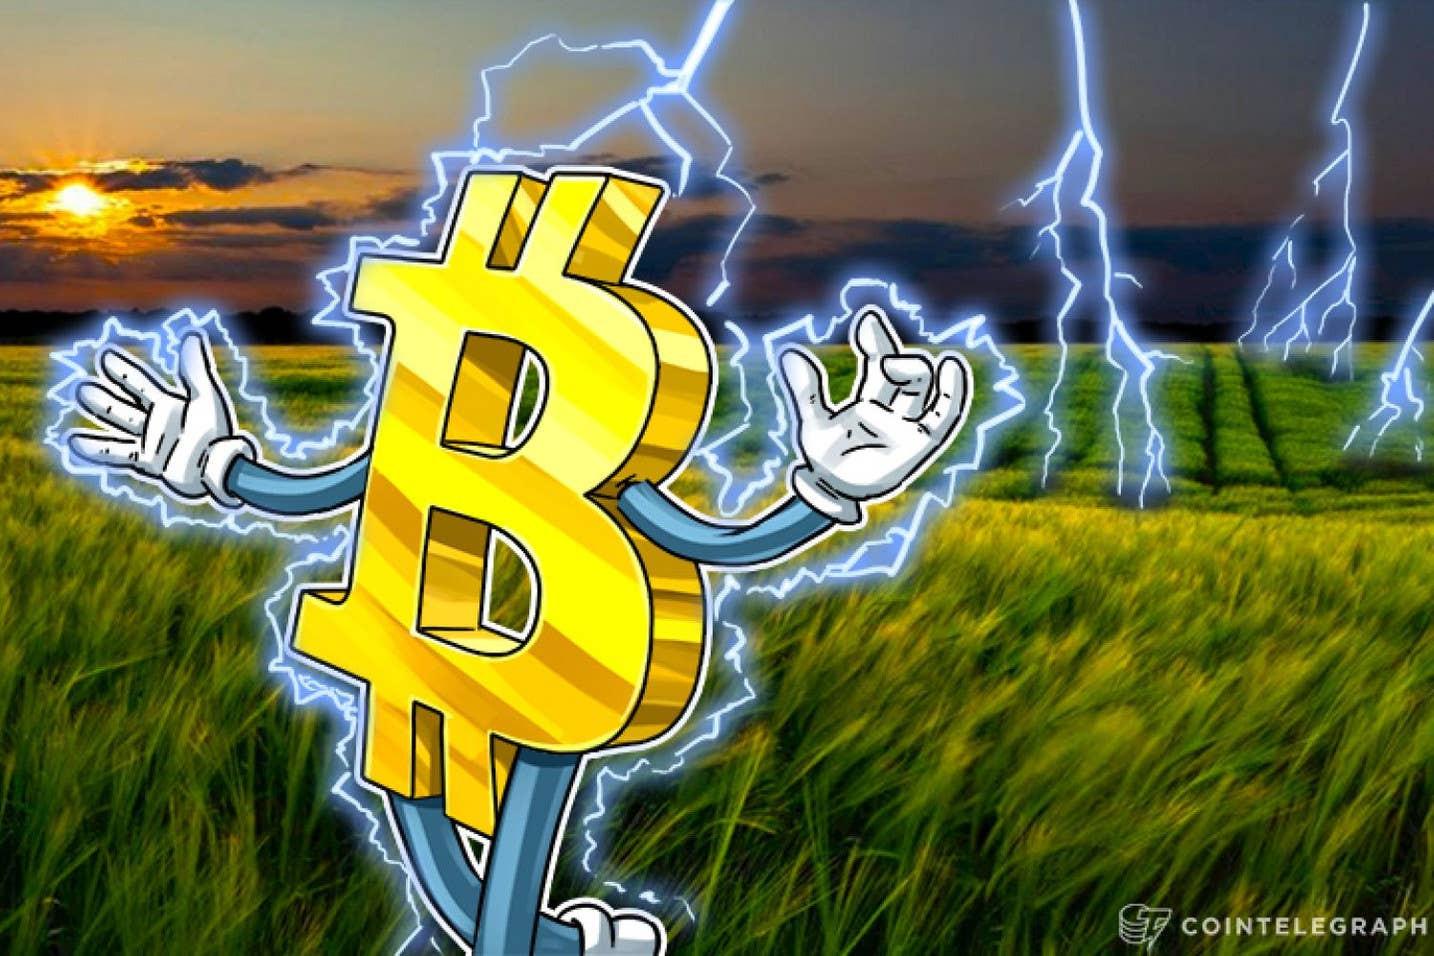 Según el CTO de Bitfinex, más compañías como Paxful impulsarán el desarrollo de la red Bitcoin para pagos